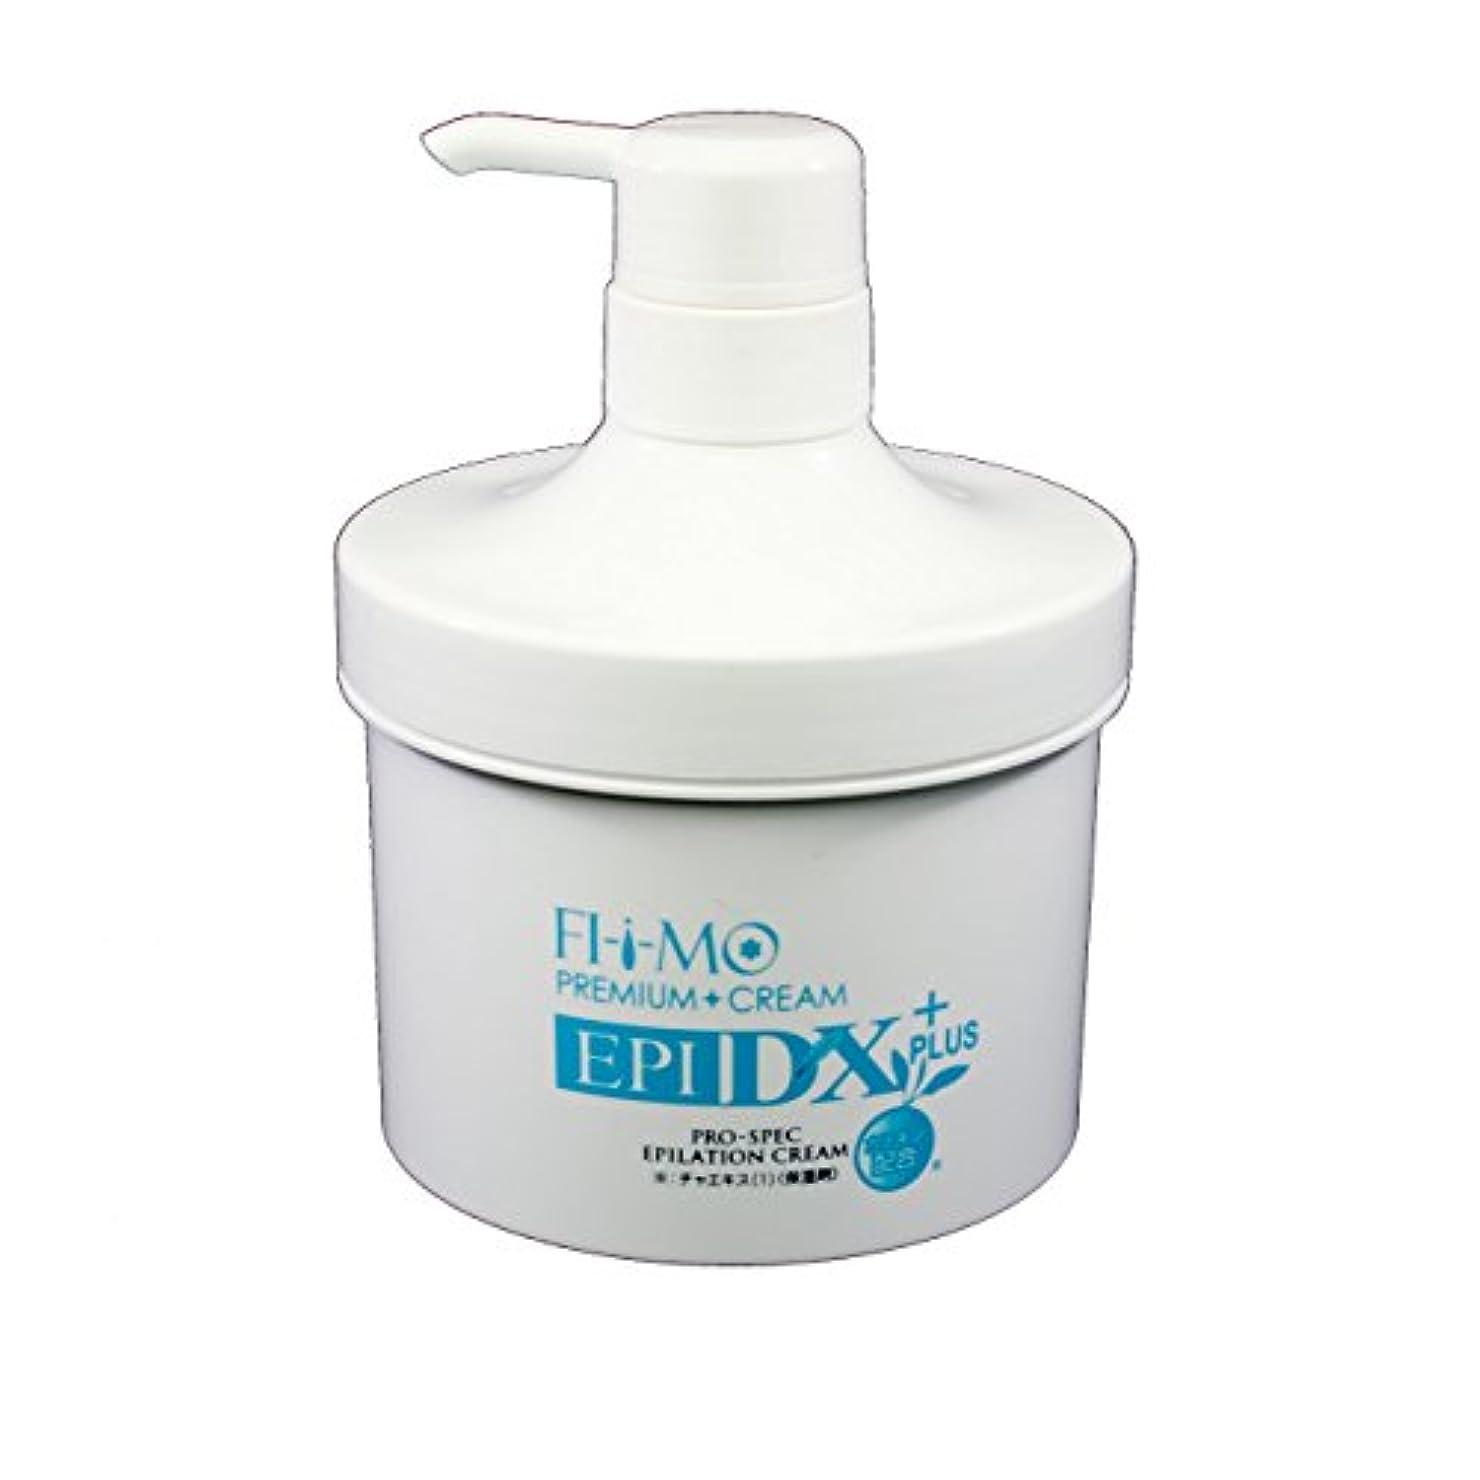 すべて優れたショルダー男女兼用除毛クリーム FI-i-MO エピDX PLUS 500g